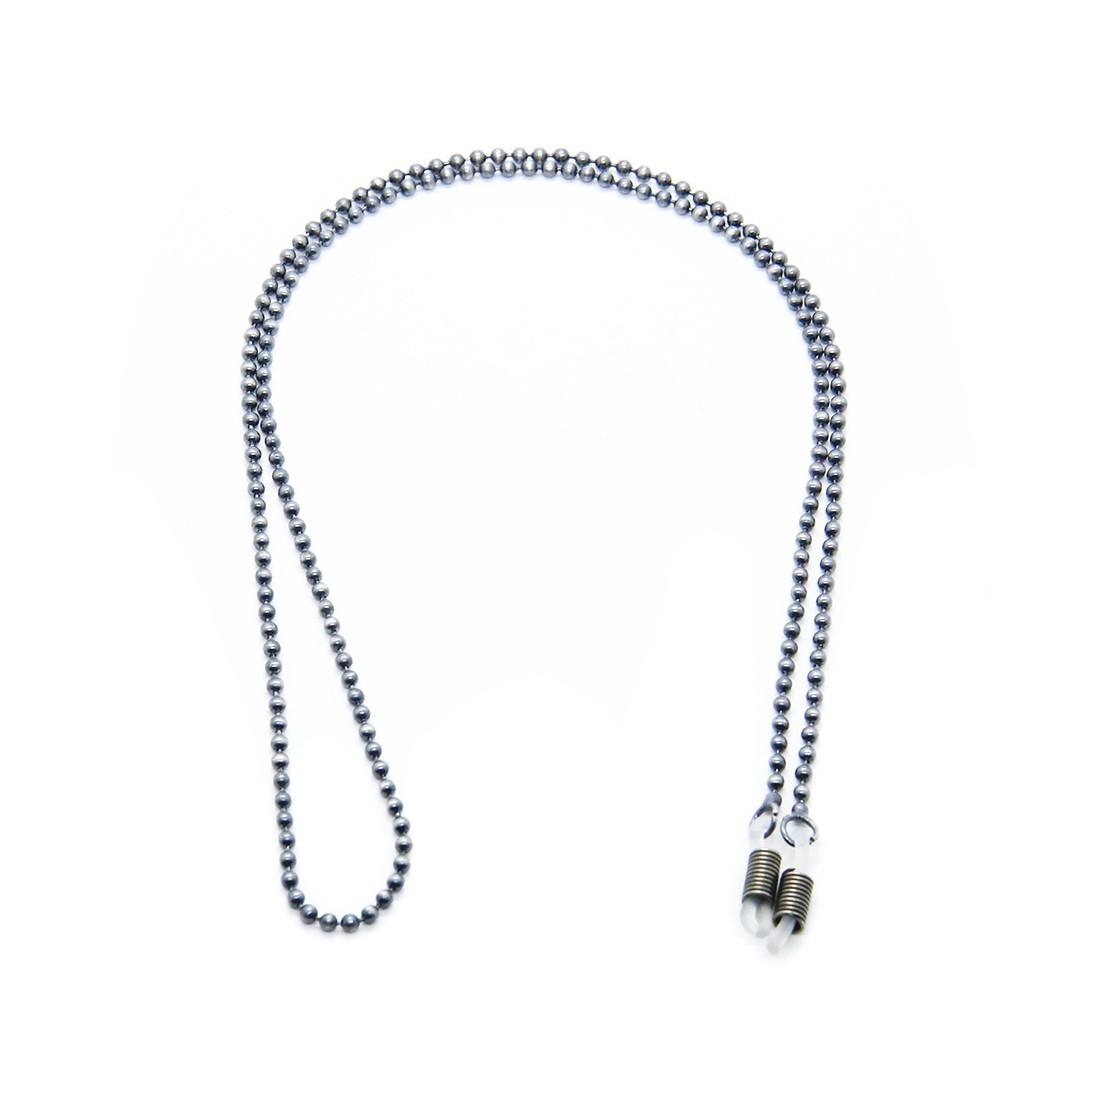 Corrente Metal B 03462cm Cor Prata